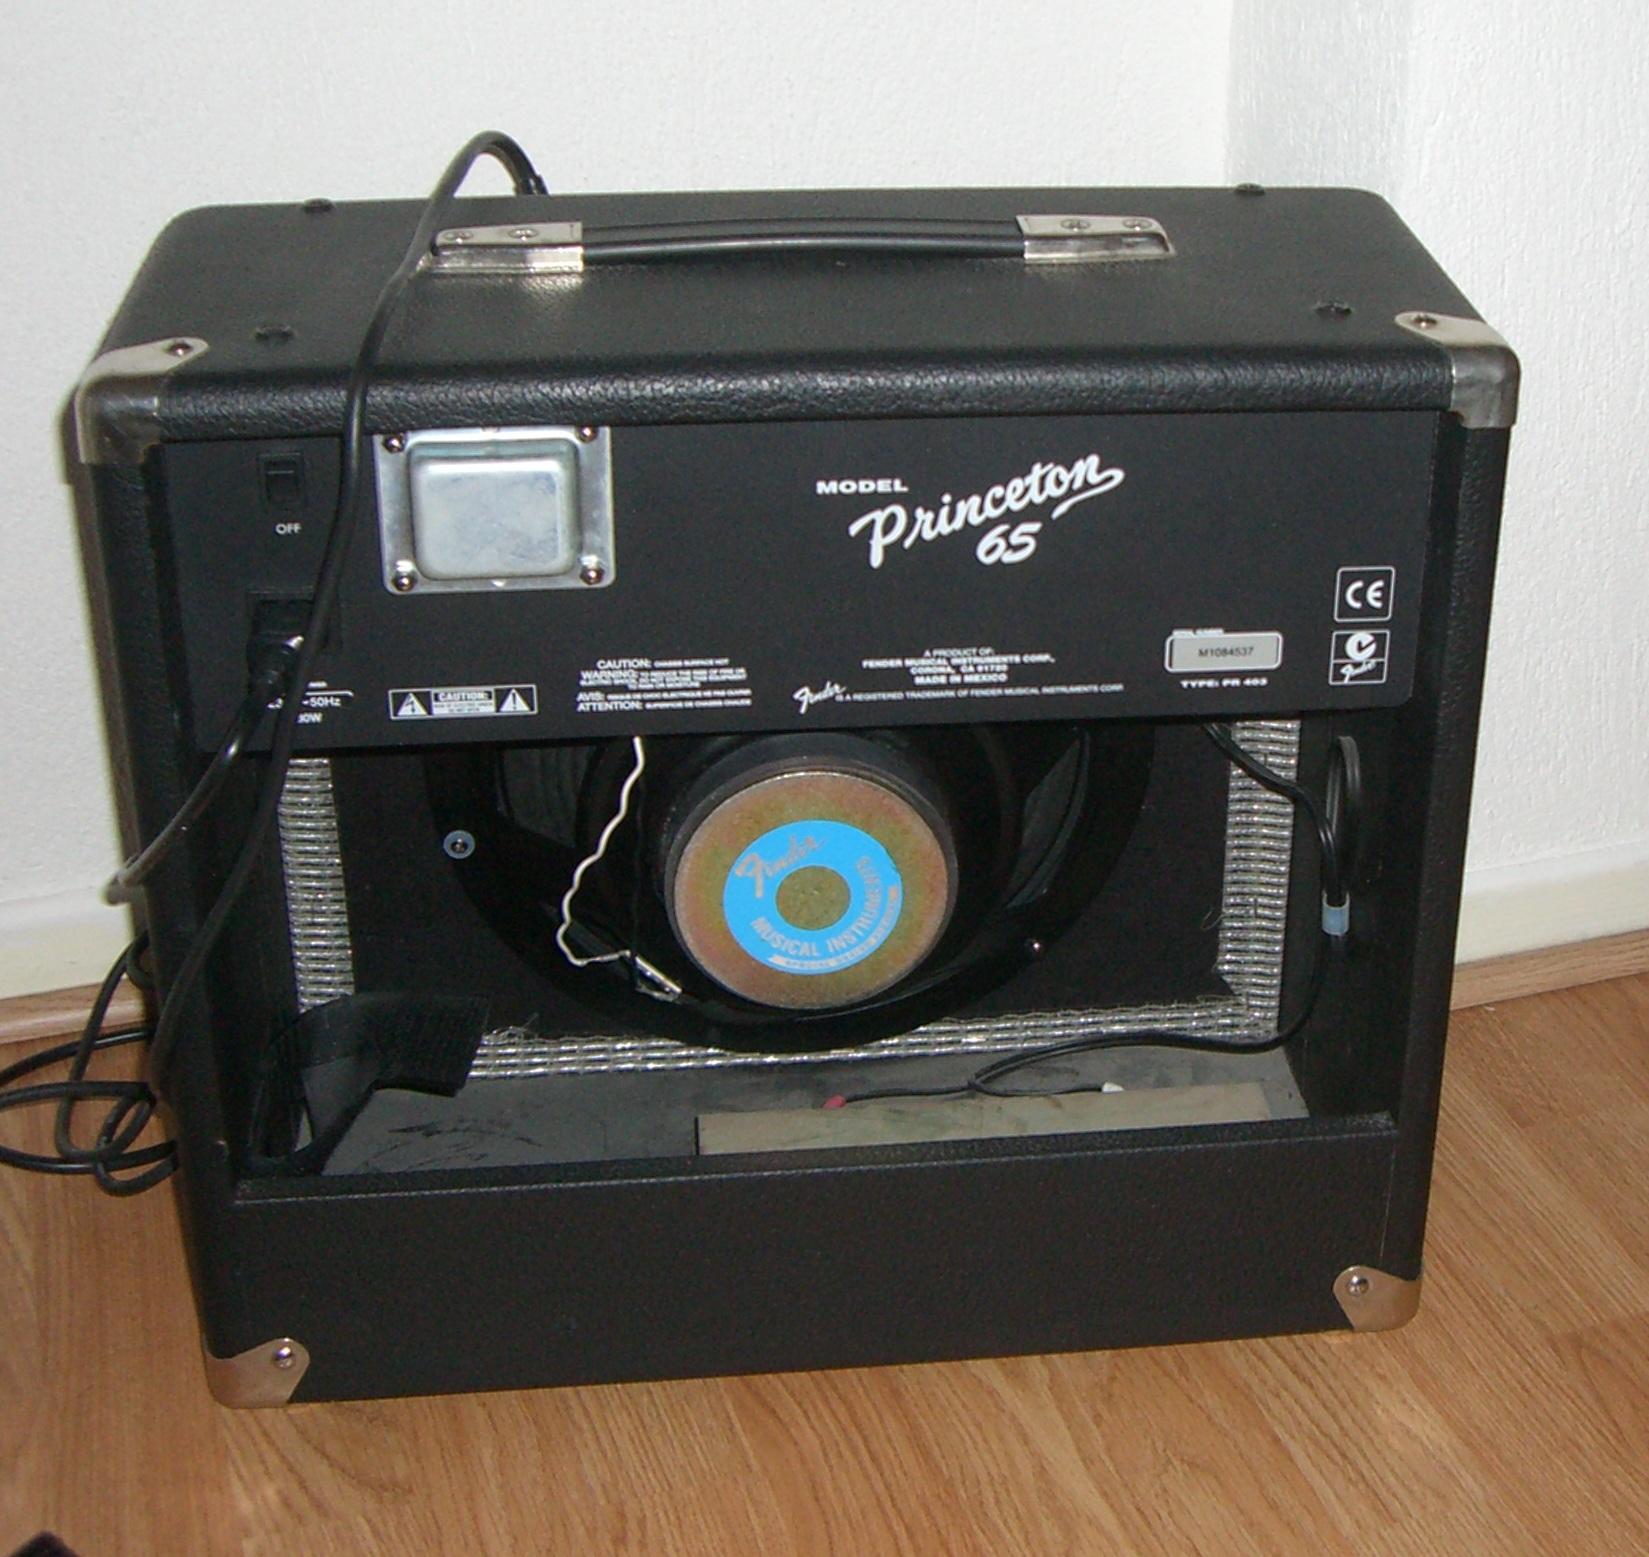 fender princeton 65 image 302980 audiofanzine. Black Bedroom Furniture Sets. Home Design Ideas